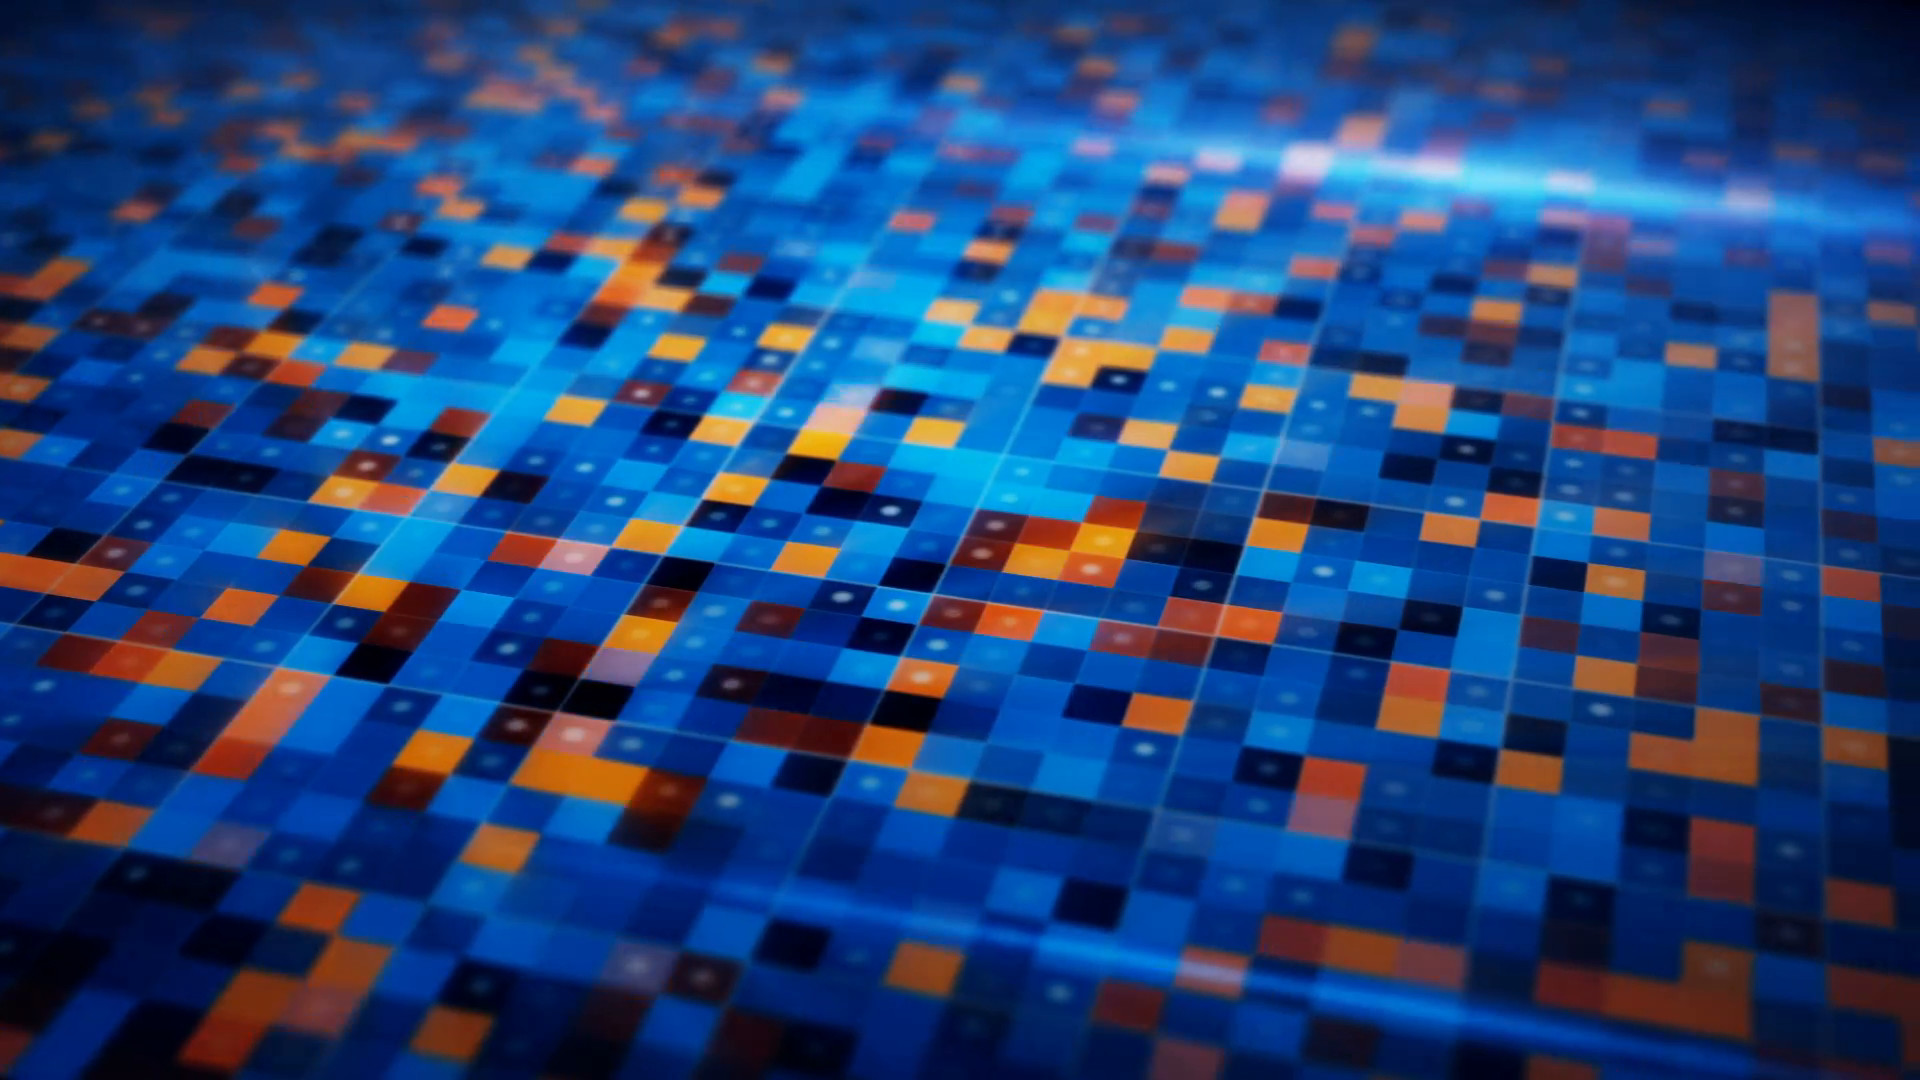 Blue Techno Wallpaper